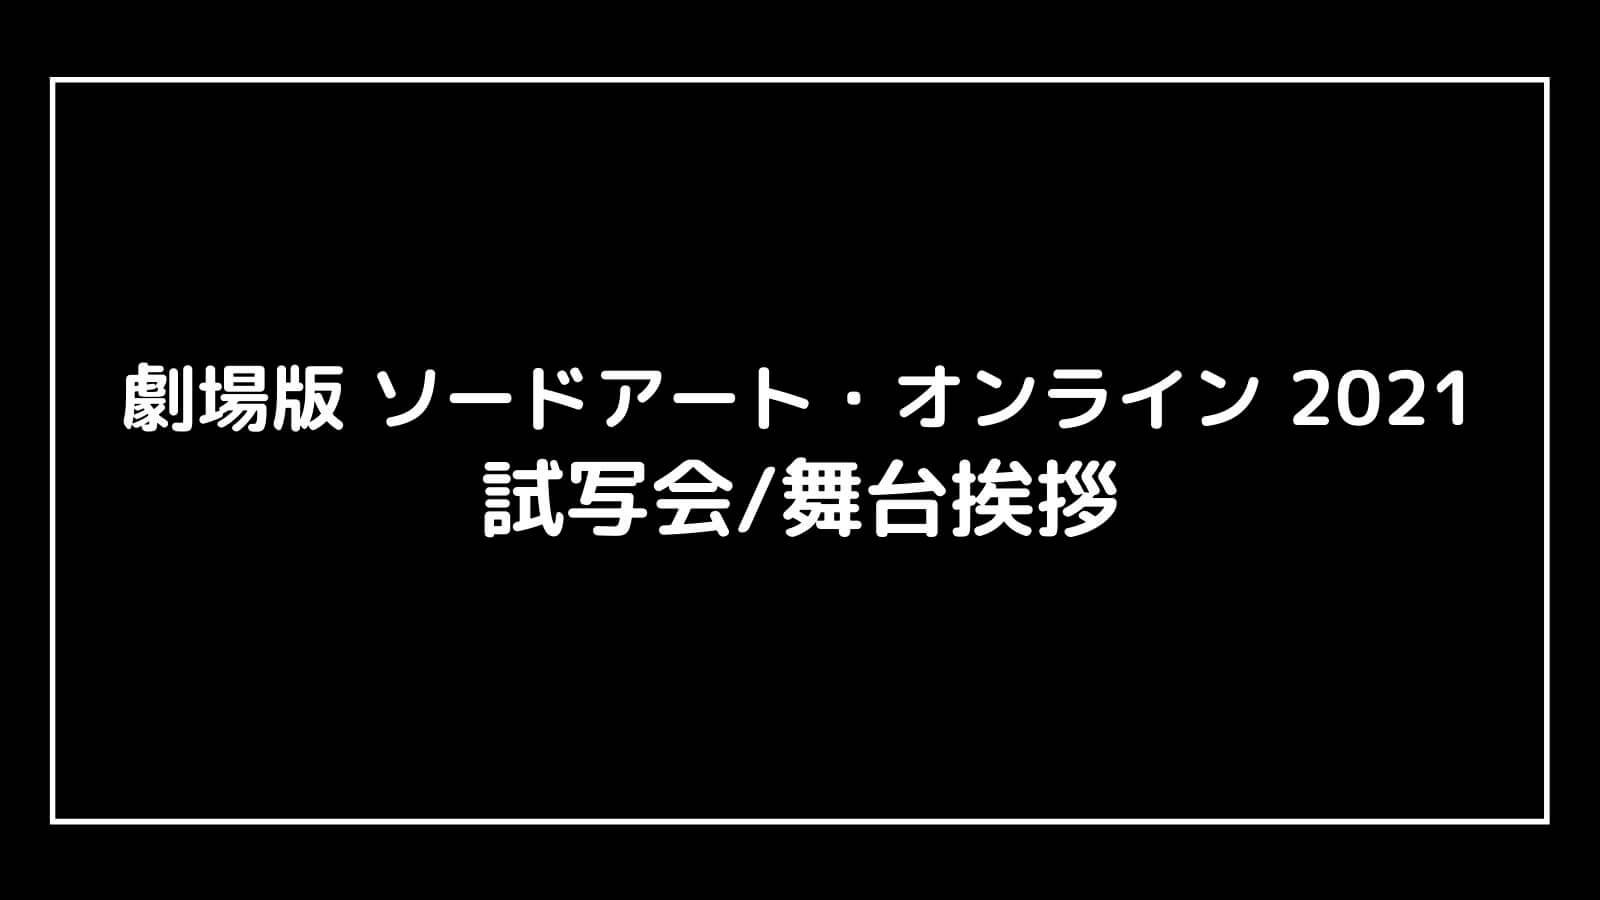 映画『ソードアート・オンライン2021』の試写会と舞台挨拶ライブビューイング情報【プログレッシブ 星なき夜のアリア】